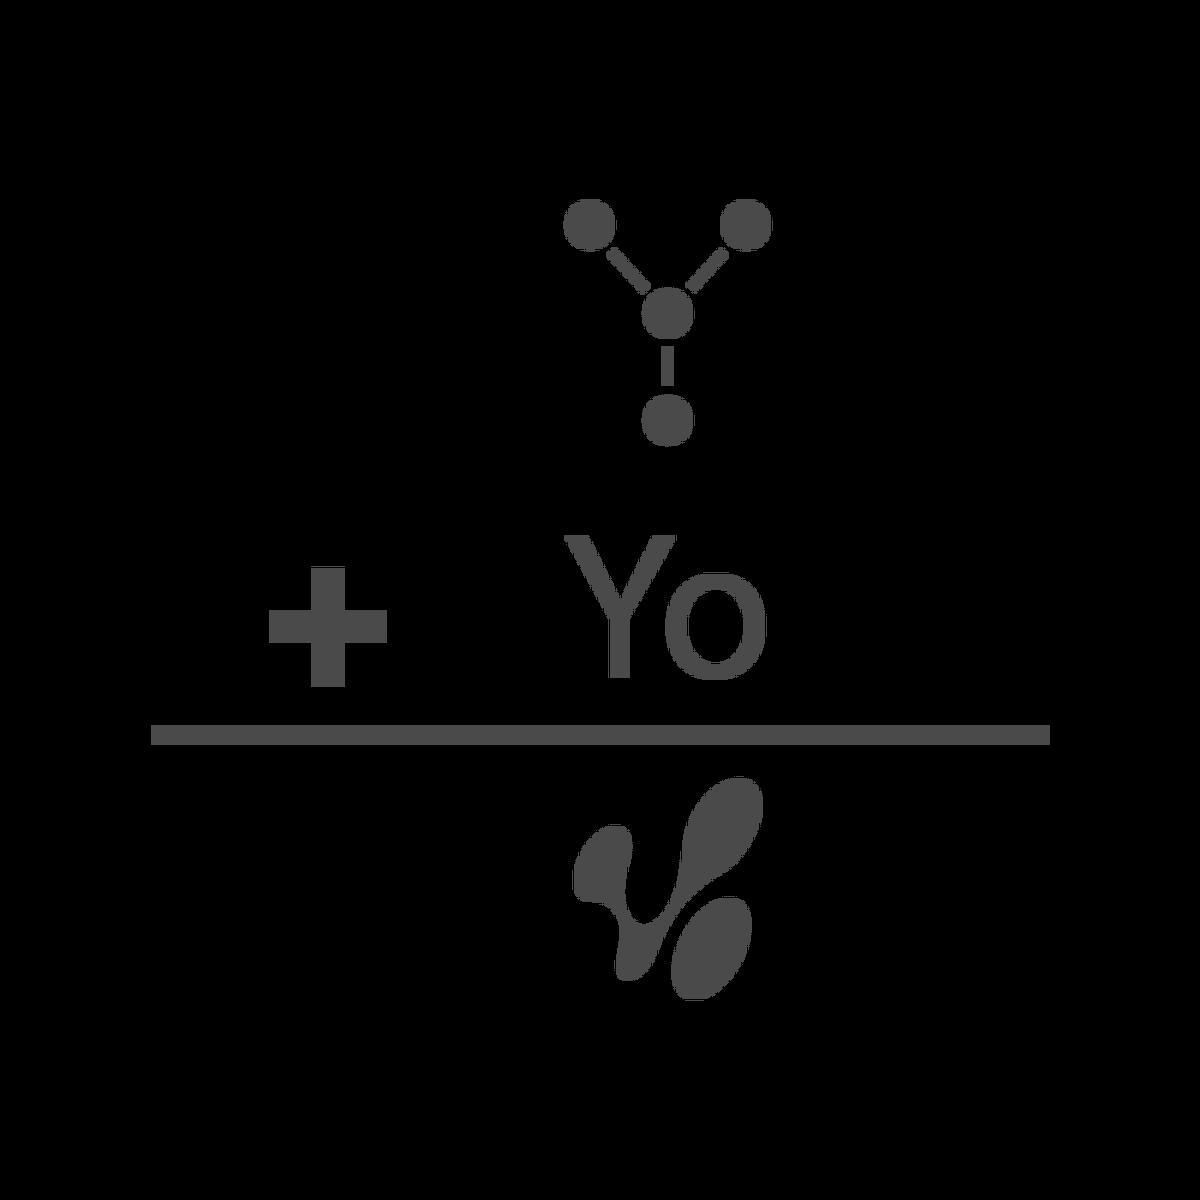 Proceso de creación del logo